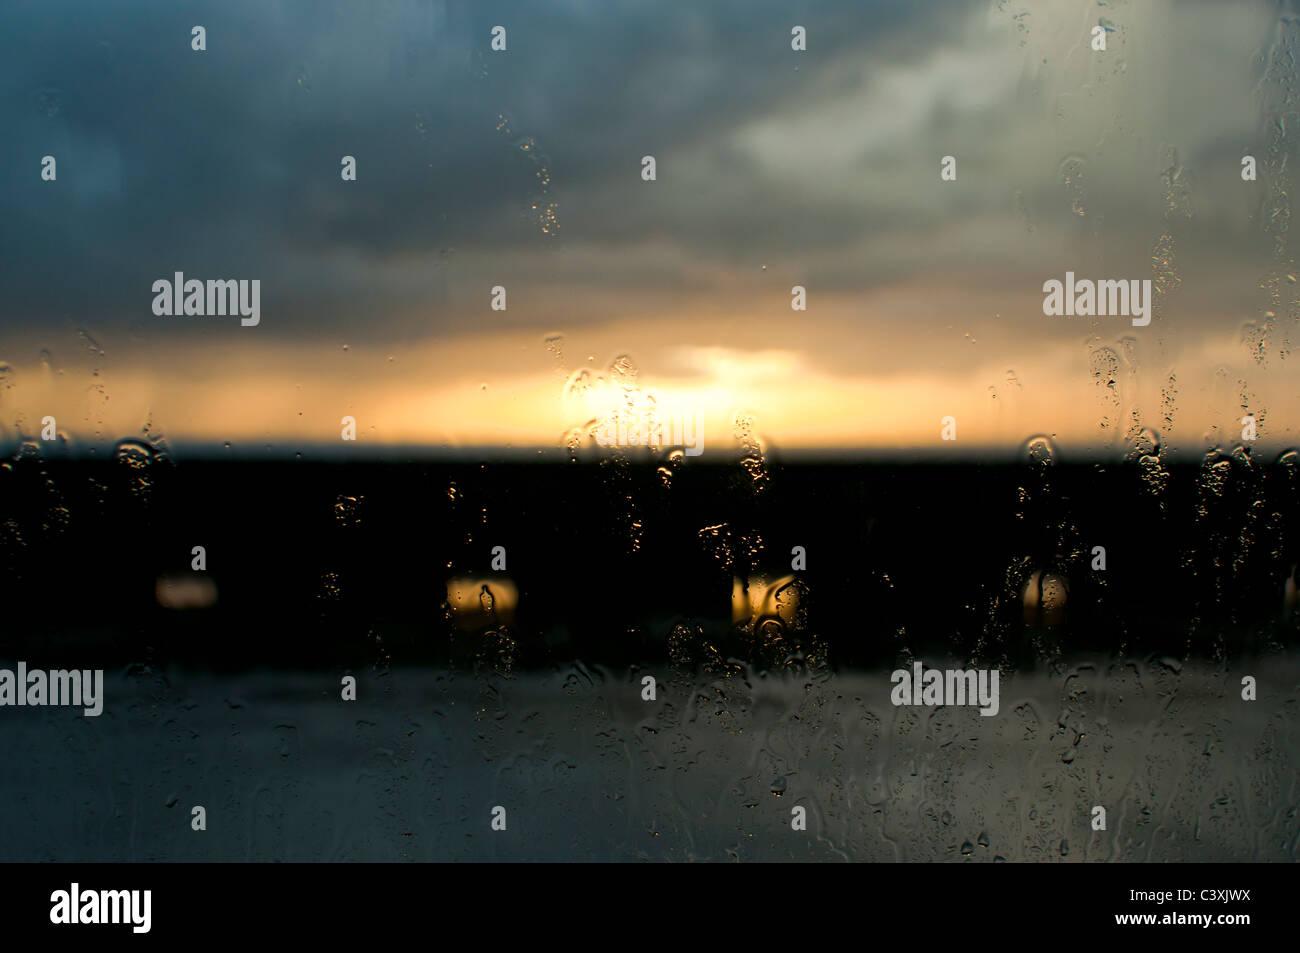 La lluvia sobre el cristal de coche al atardecer en noche tormentosa Imagen De Stock